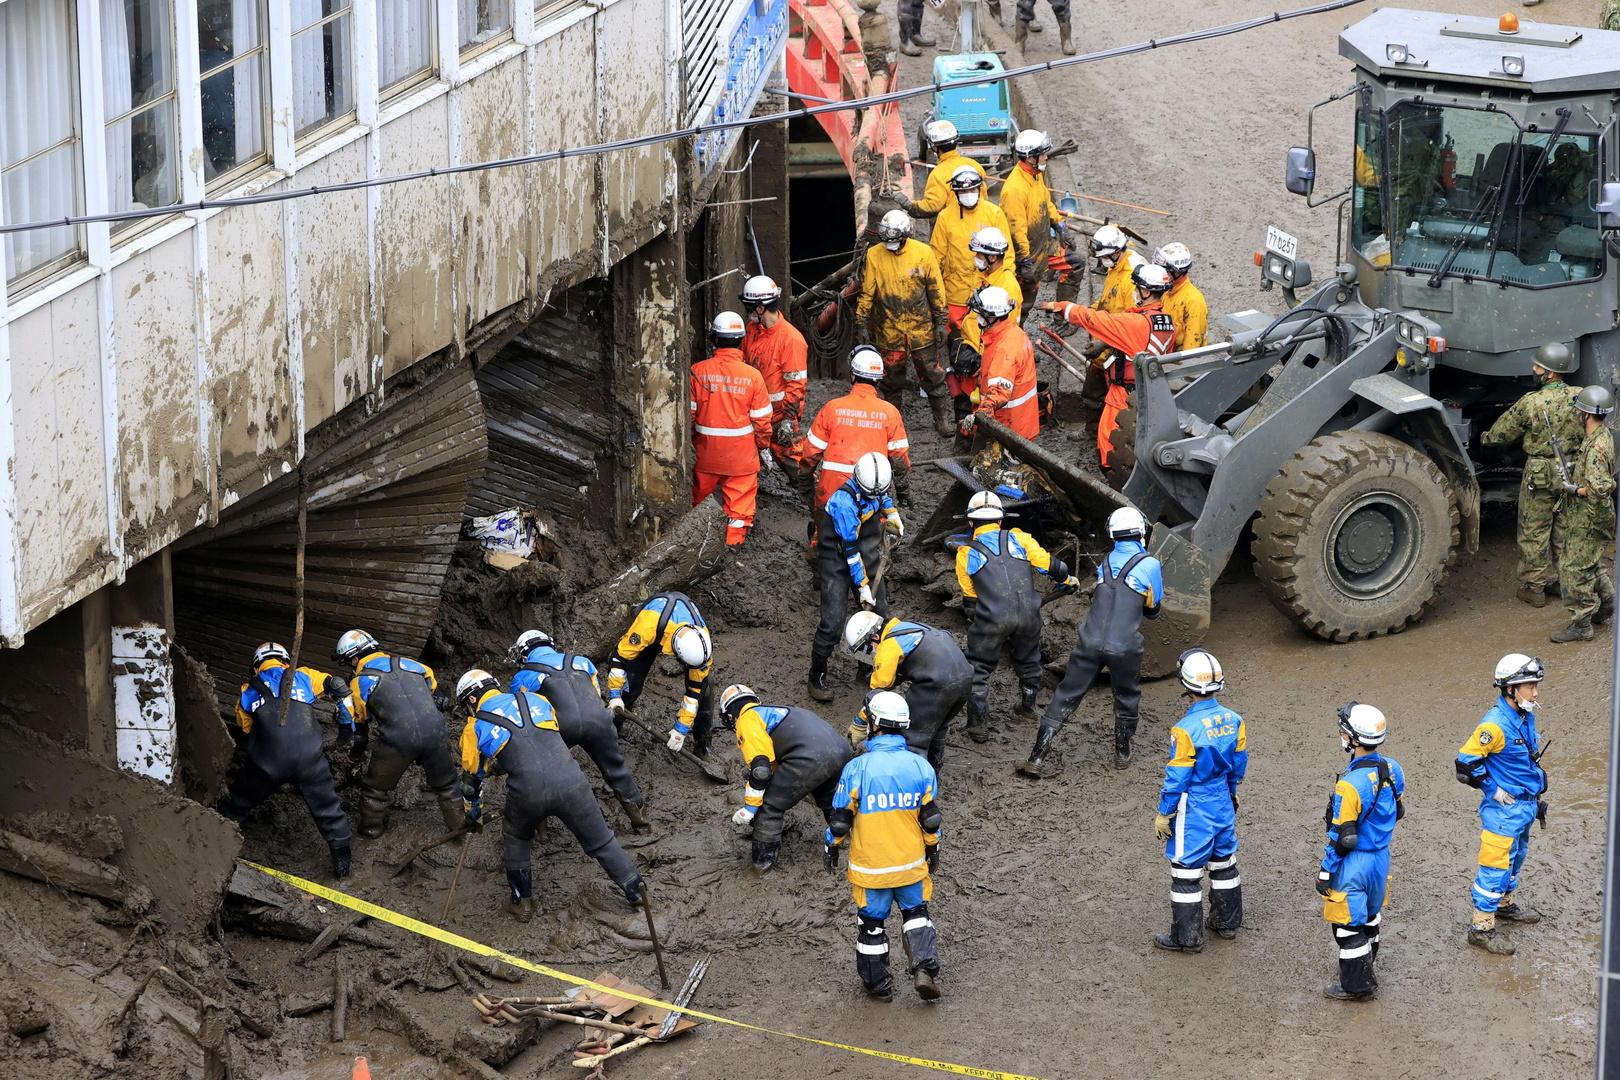 اليابان.. فرص النجاة تتضاءل في العثور على 24 مفقودا في انهيارات أرضية